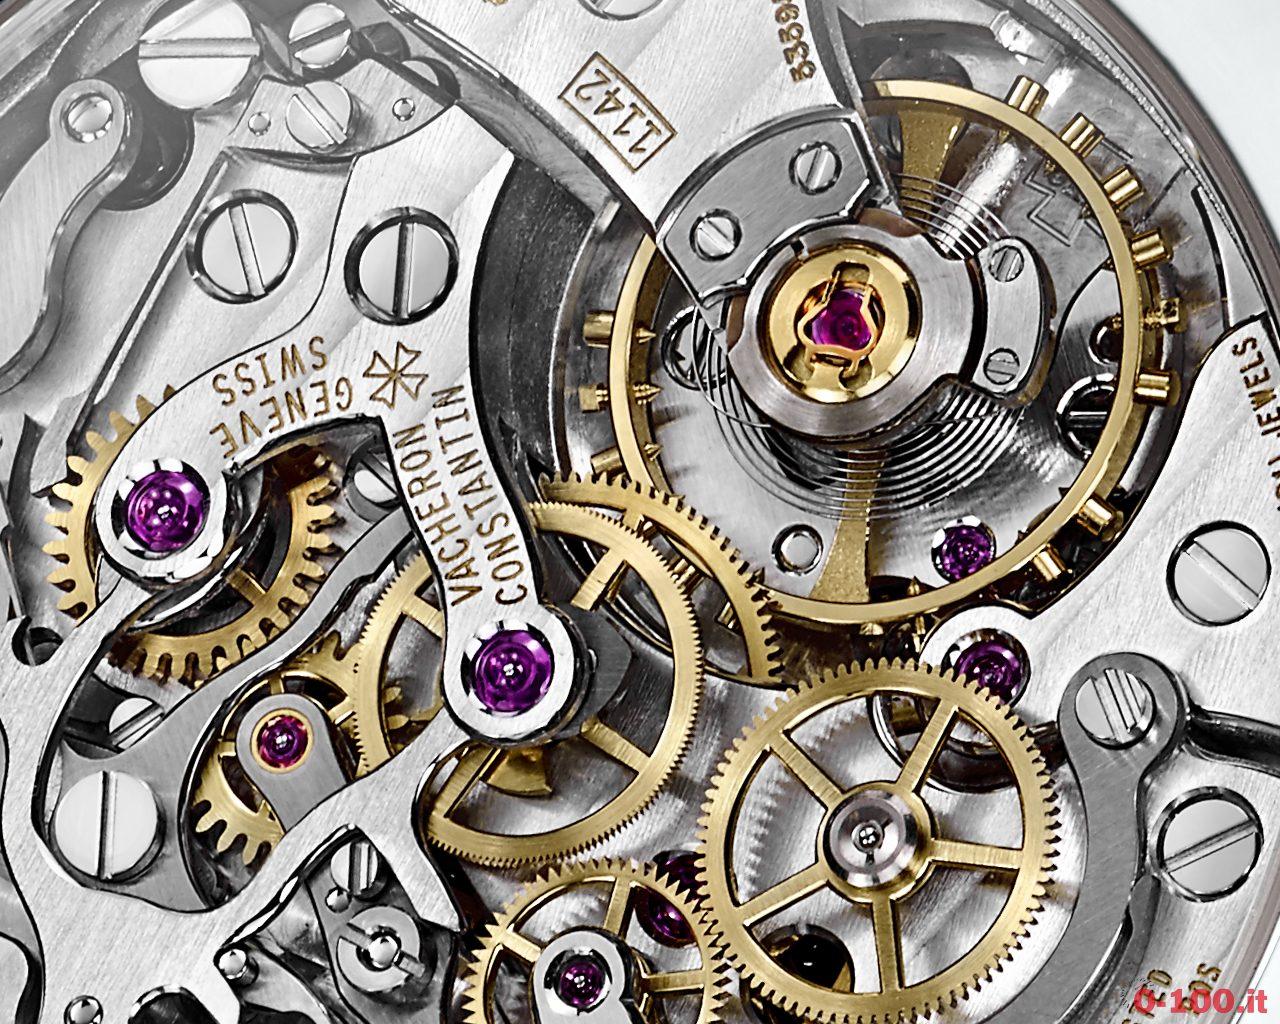 vacheron-constantin-traditionnelle-cronografo-con-calendario-perpetuo-ref-5000t000p-b048-prezzo-price_0-1001